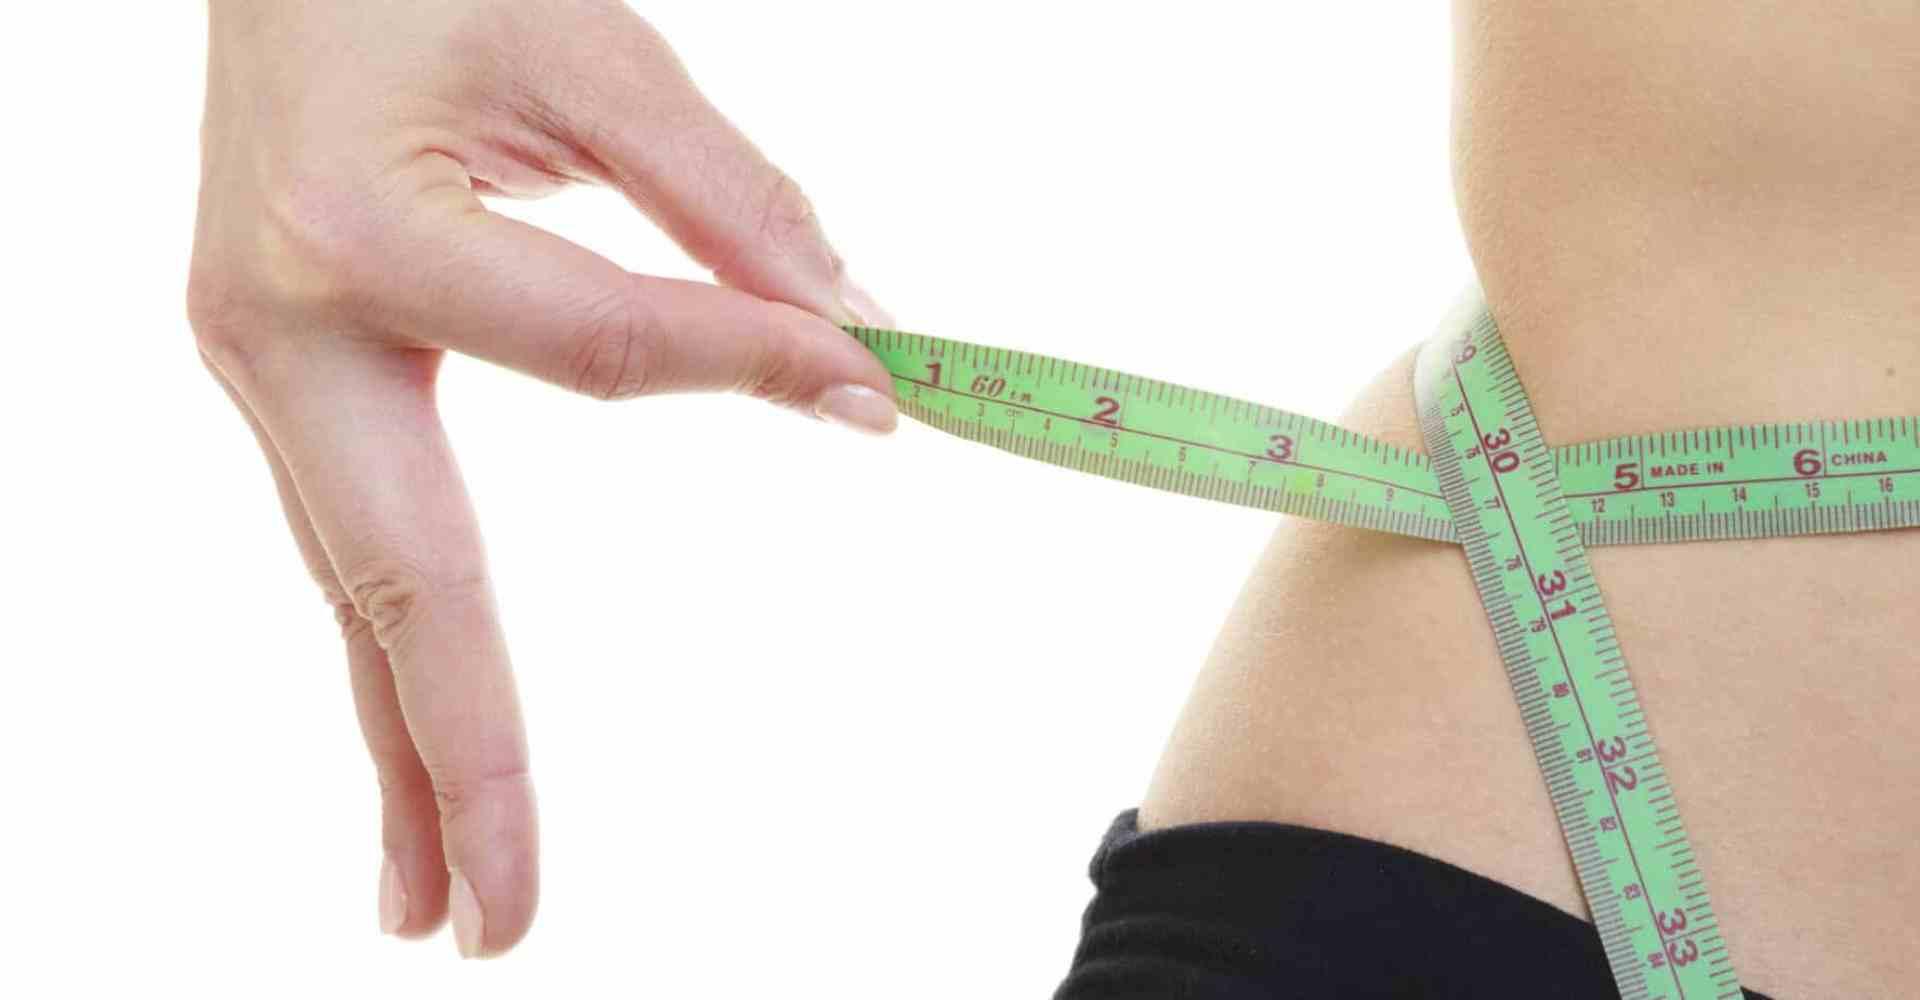 DIY Body Wraps: Do they work?